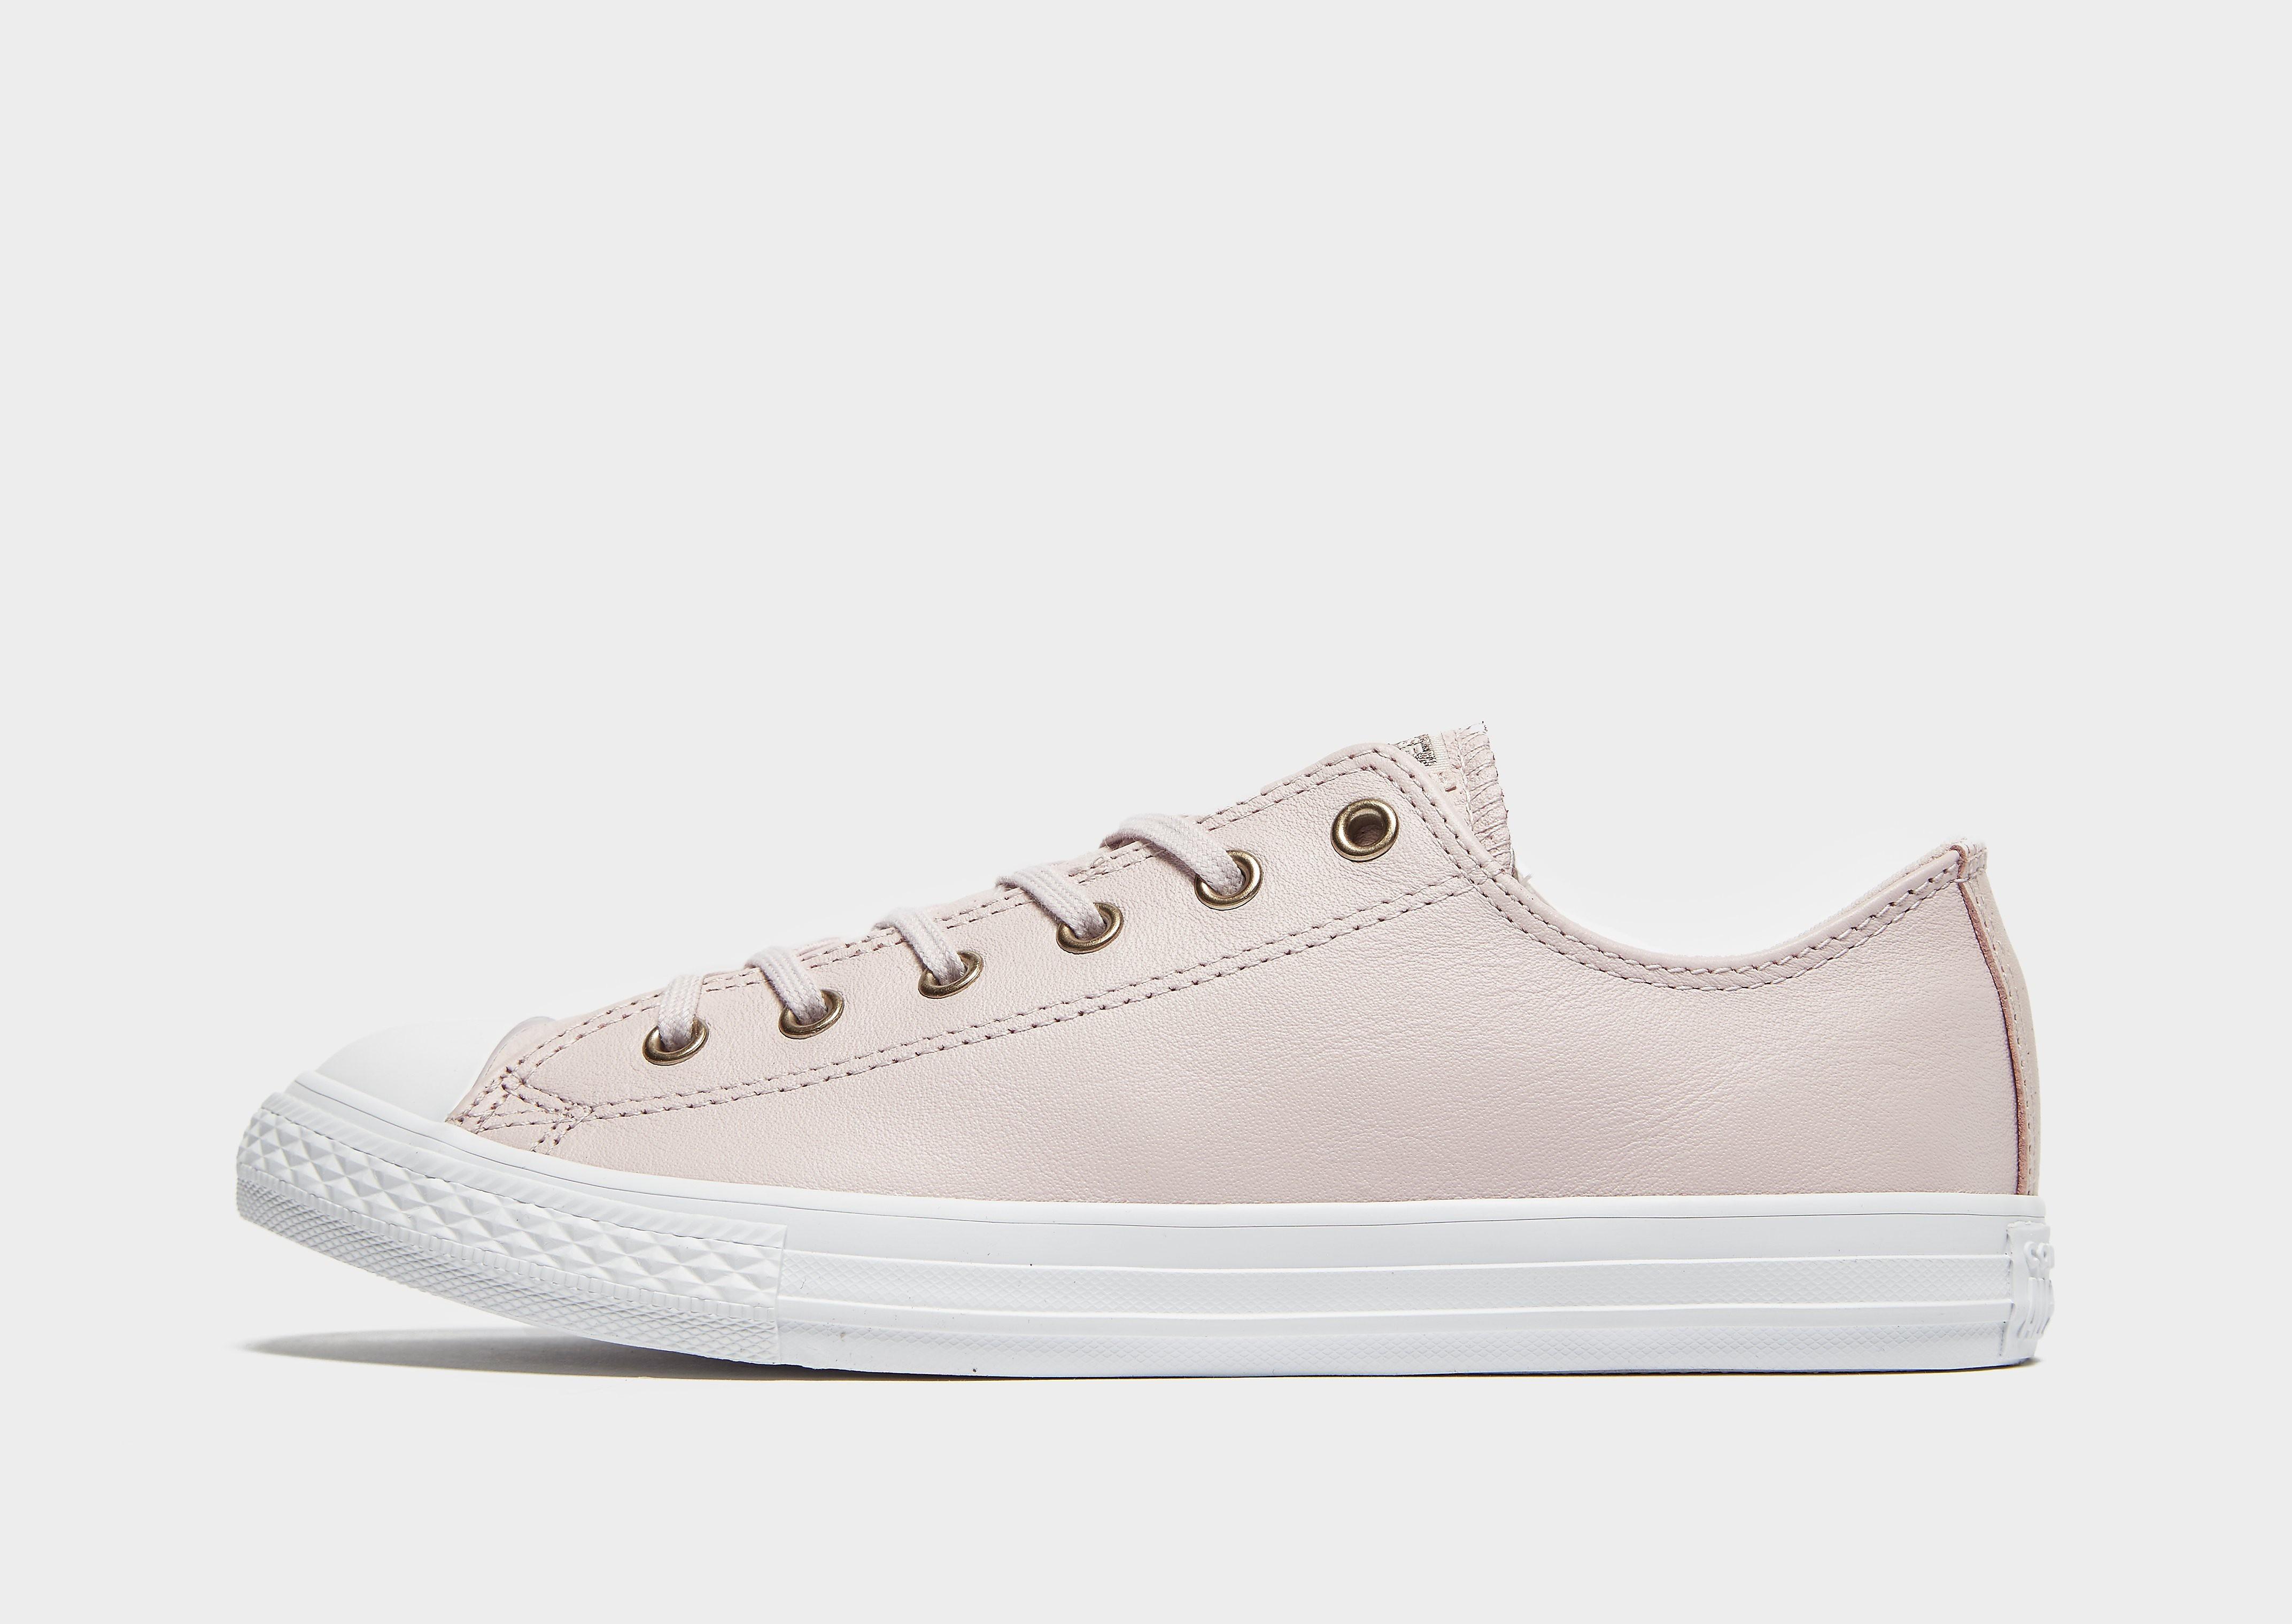 Converse All Star kindersneaker roze en wit